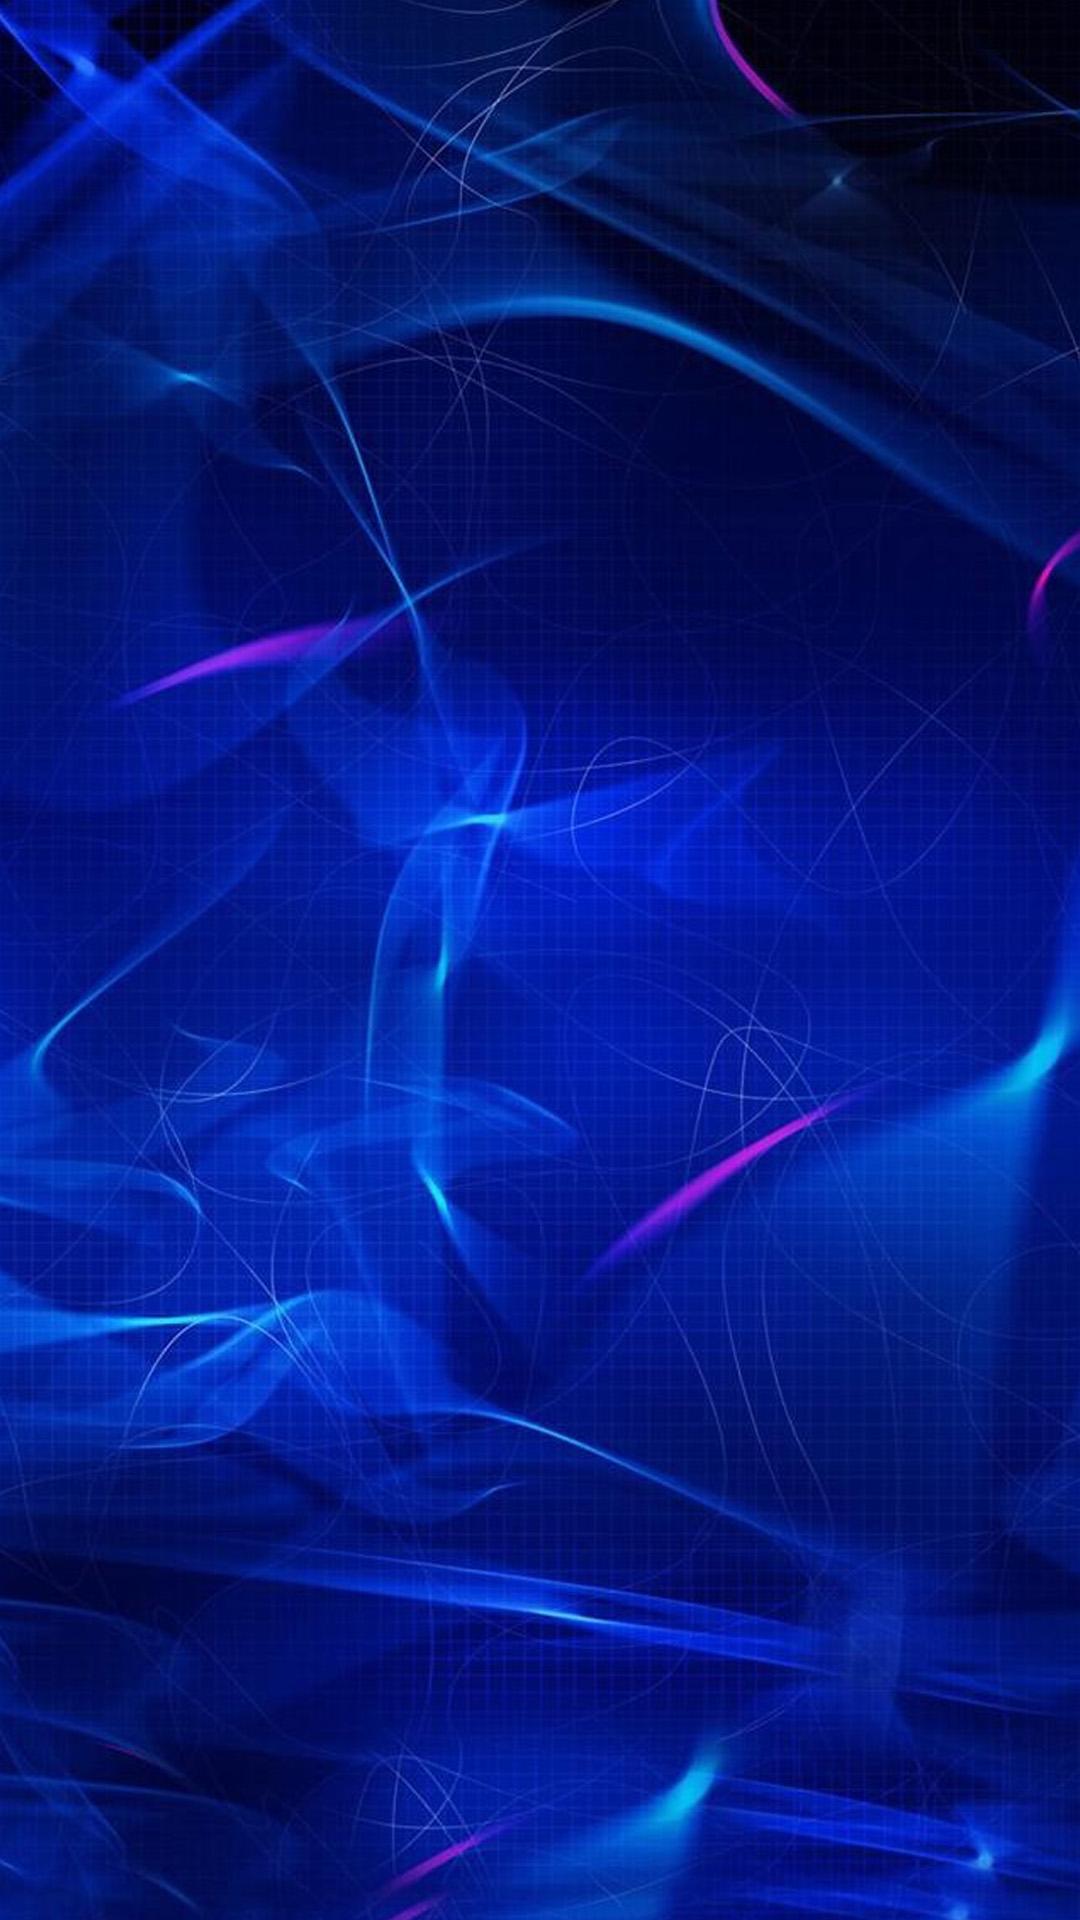 Abstract iPhone 6 Plus Wallpaper - WallpaperSafari